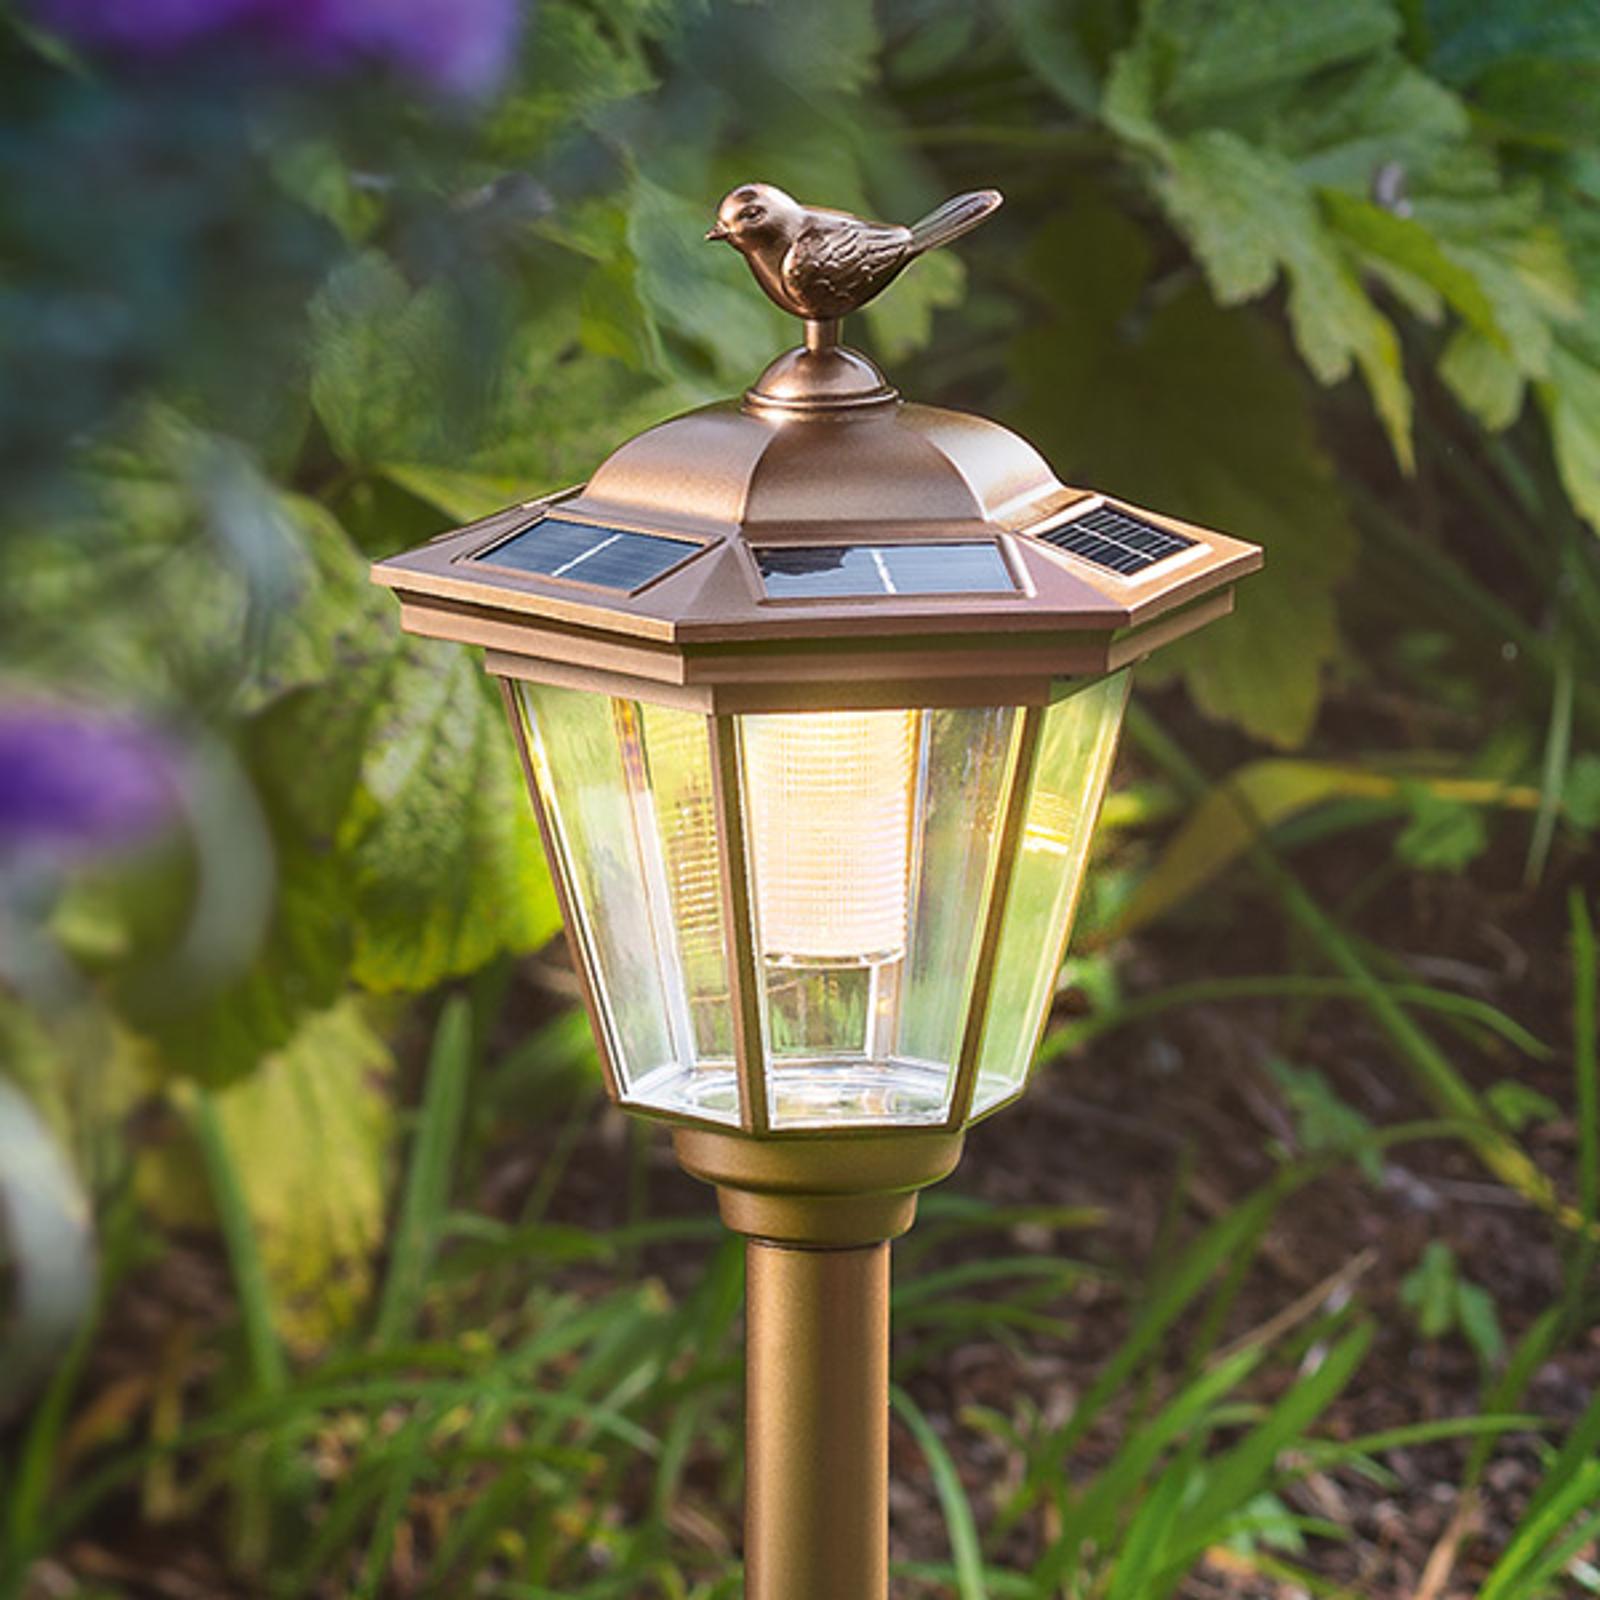 Solárne LED svietidlo do zeme Tivoli medený vzhľad_3012235_1